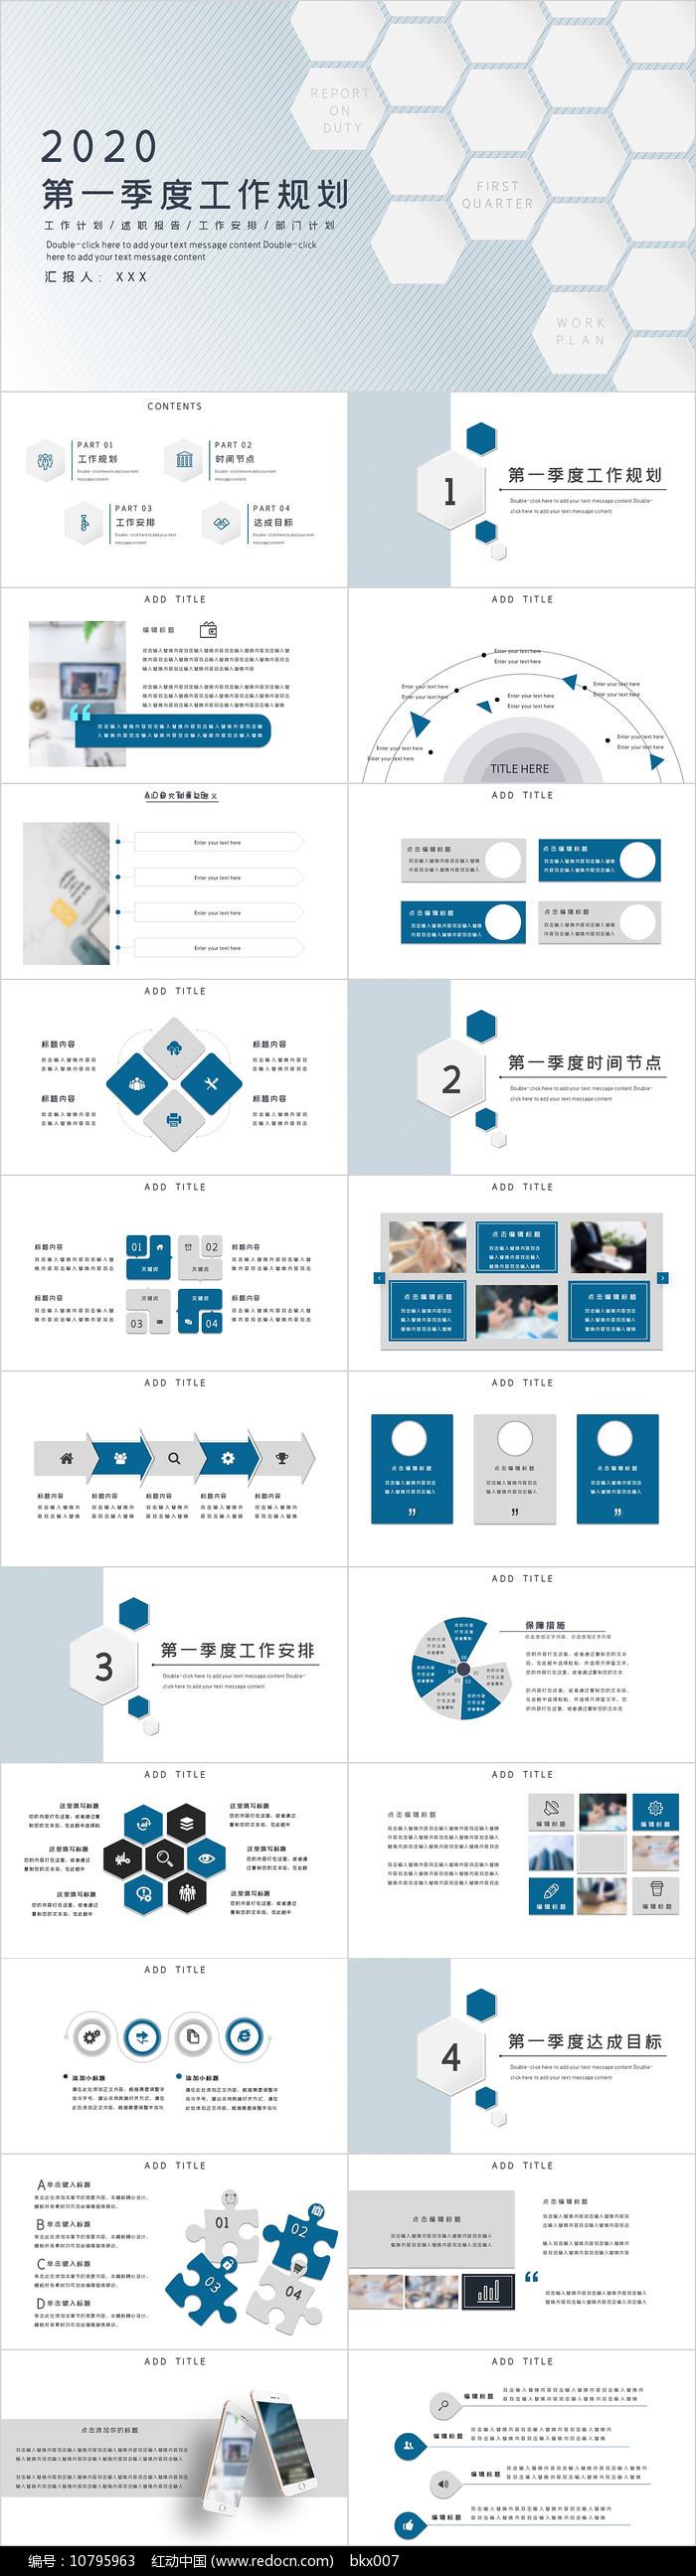 蓝色季度工作规划PPT模板图片